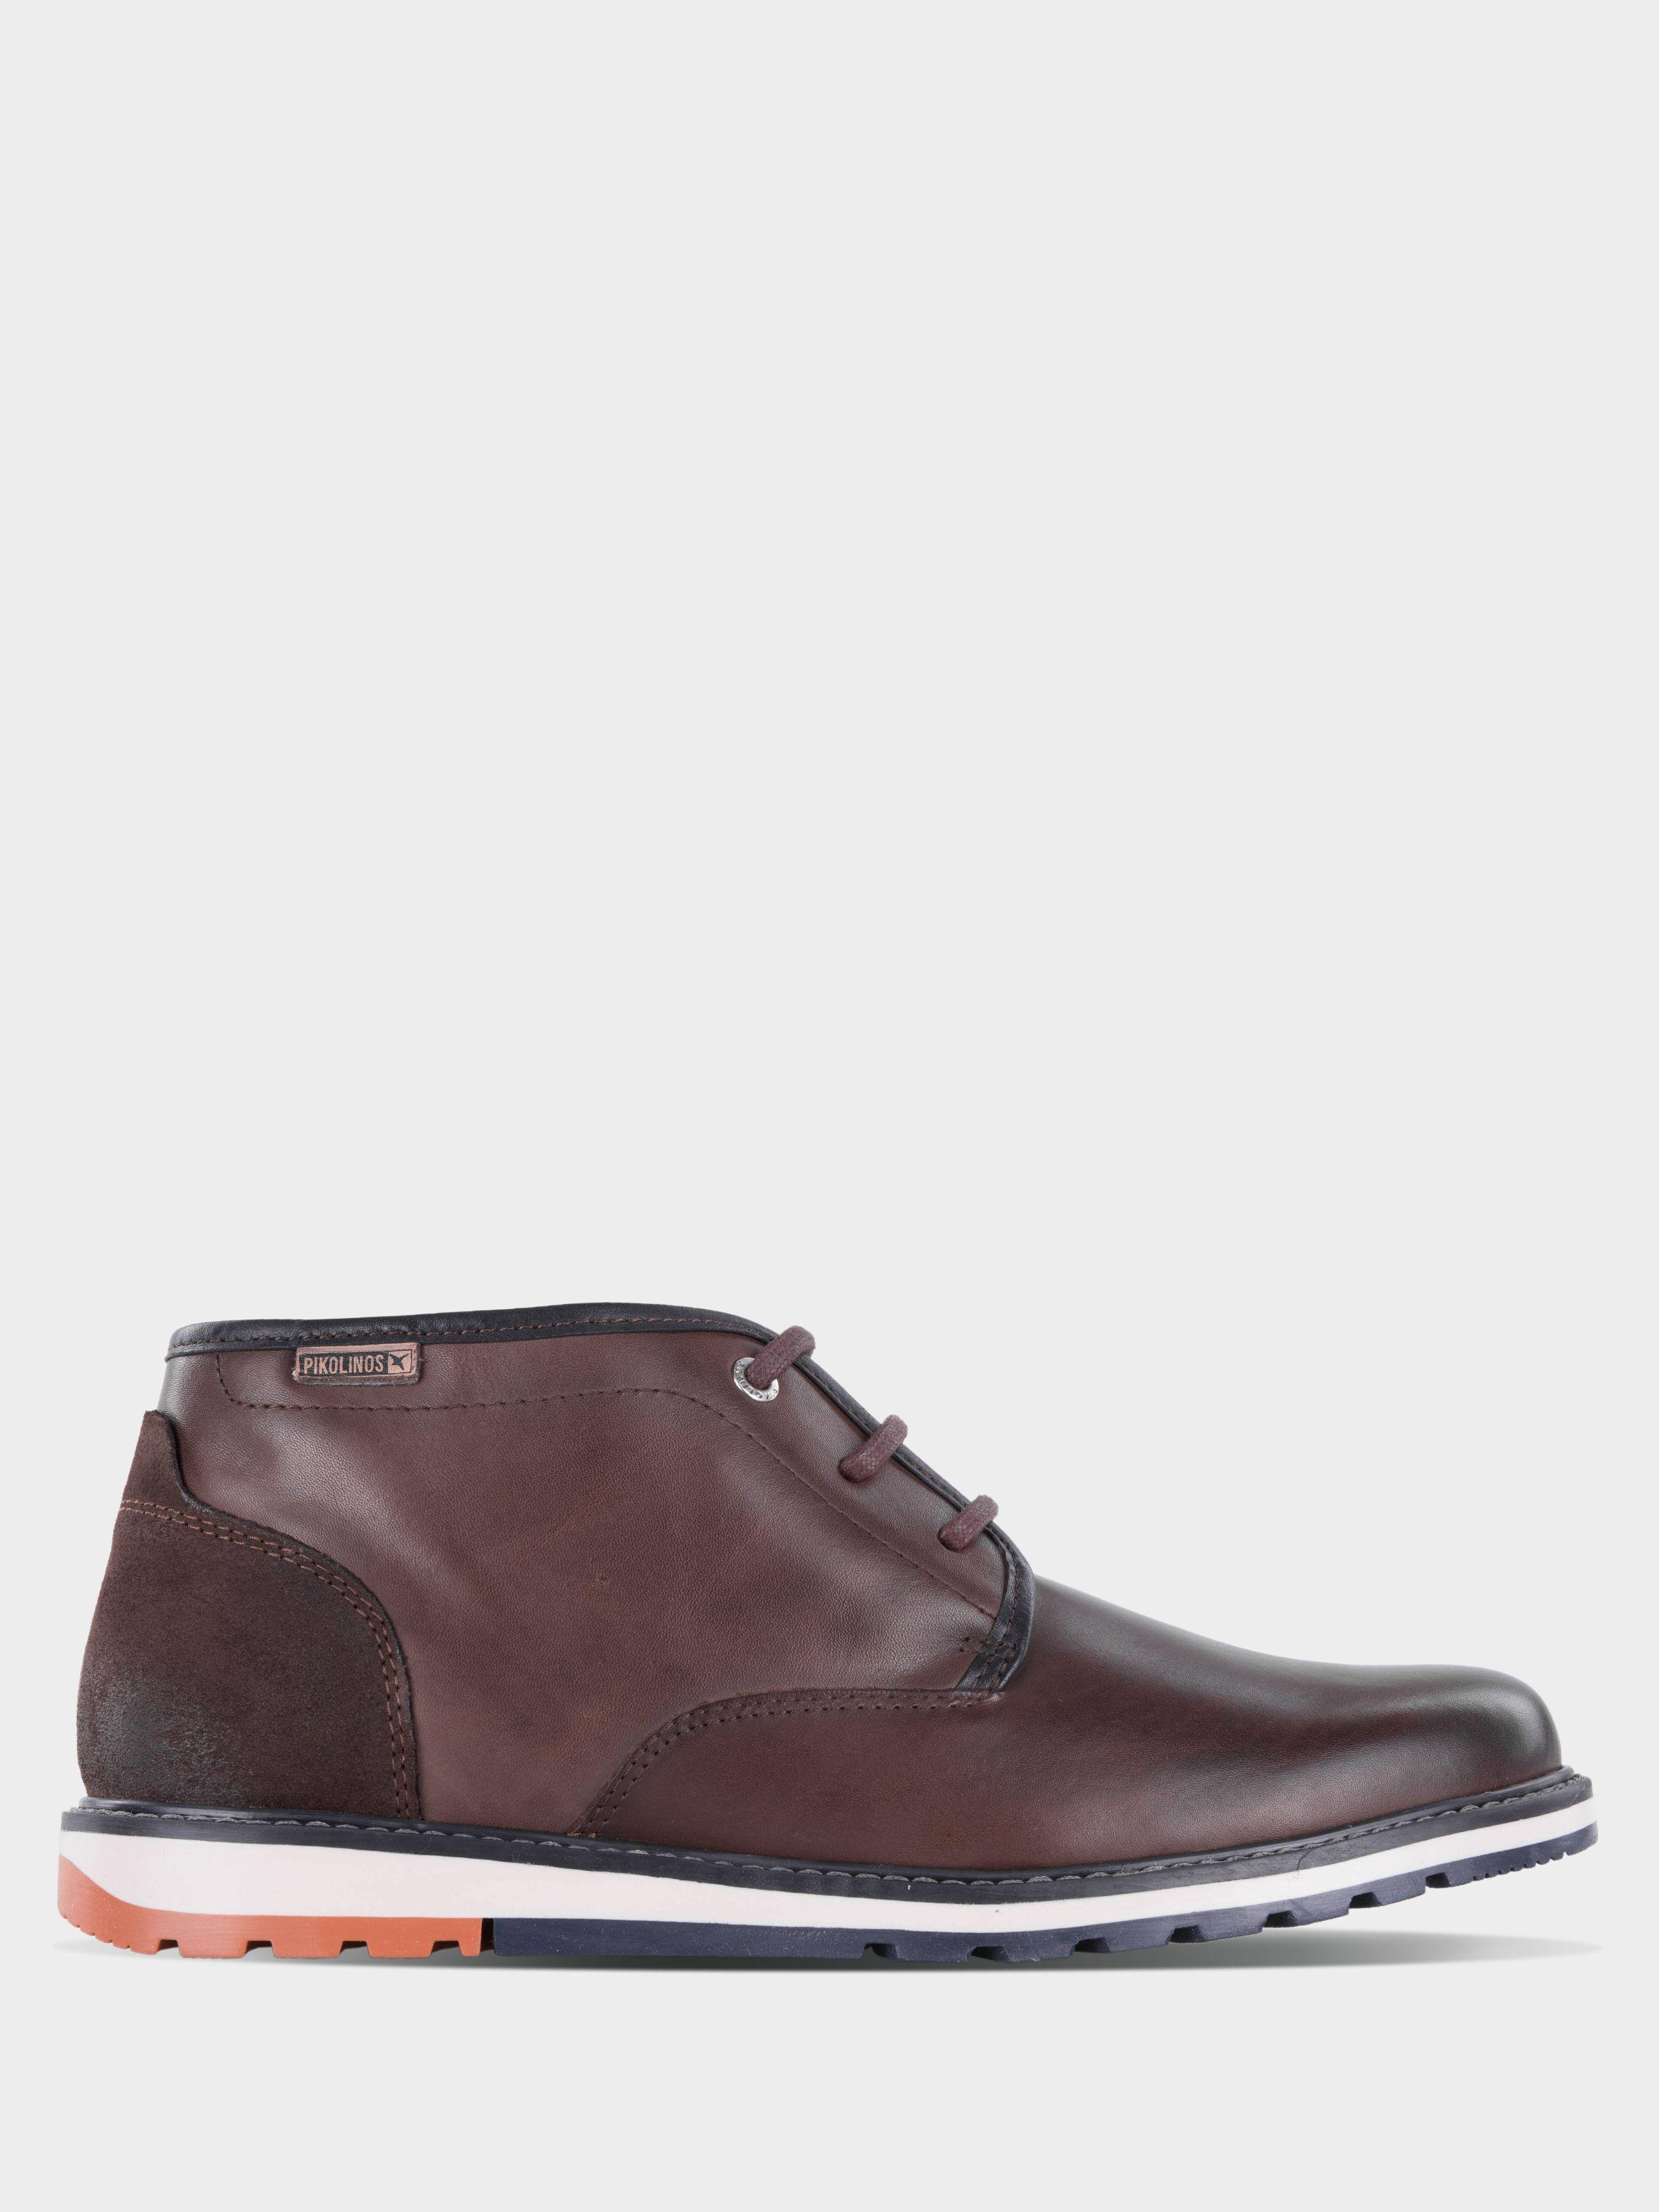 Купить Ботинки для мужчин PIKOLINOS BERNA SH270, Синий